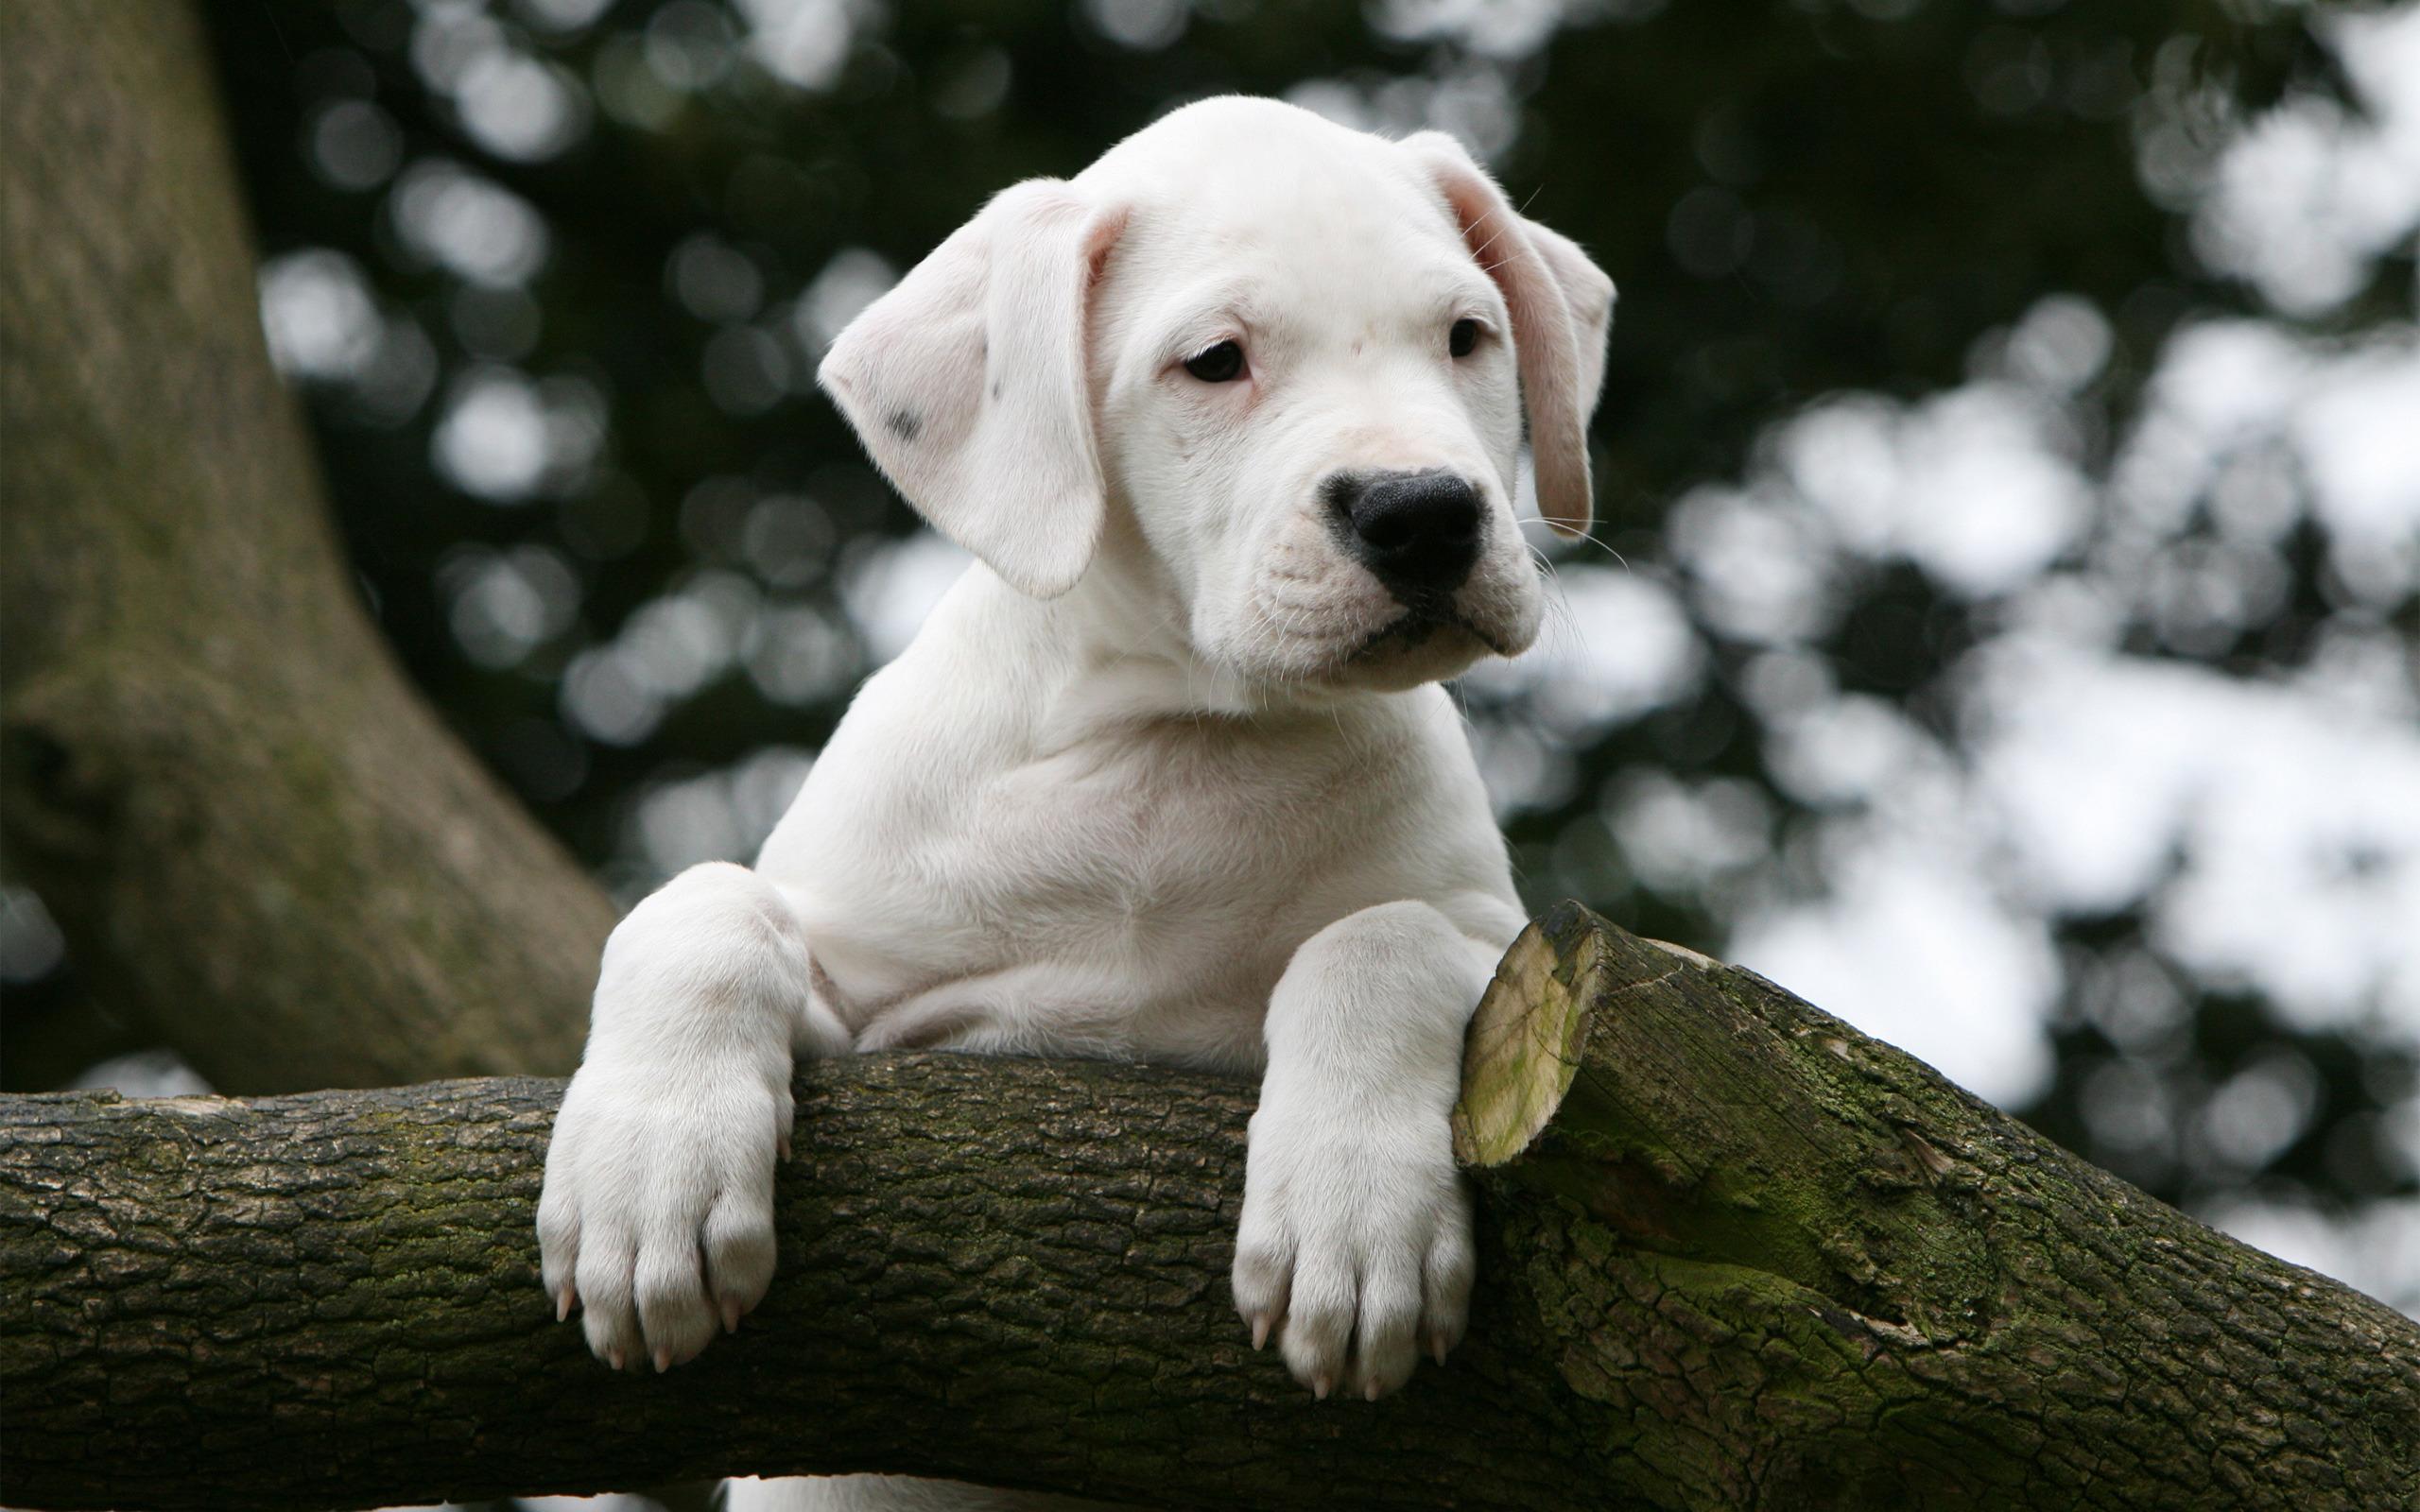 Imagenes Para La Pantalla: Fondos De Pantalla De Cachorros Tiernos